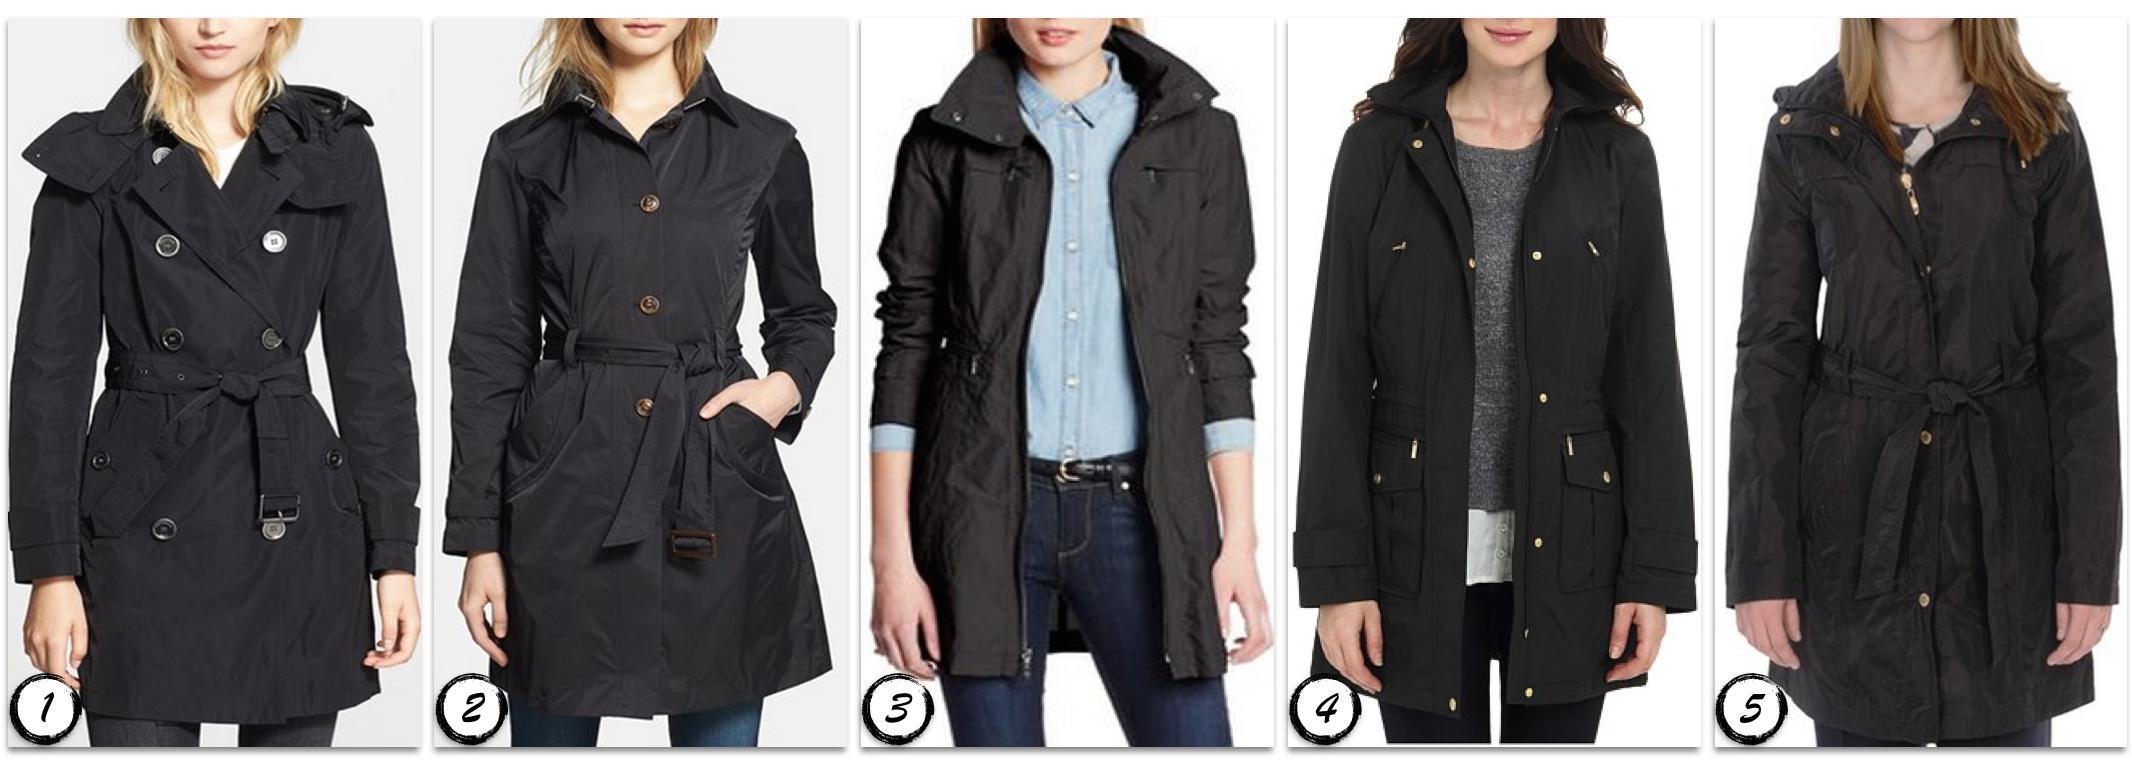 Raincoats basel